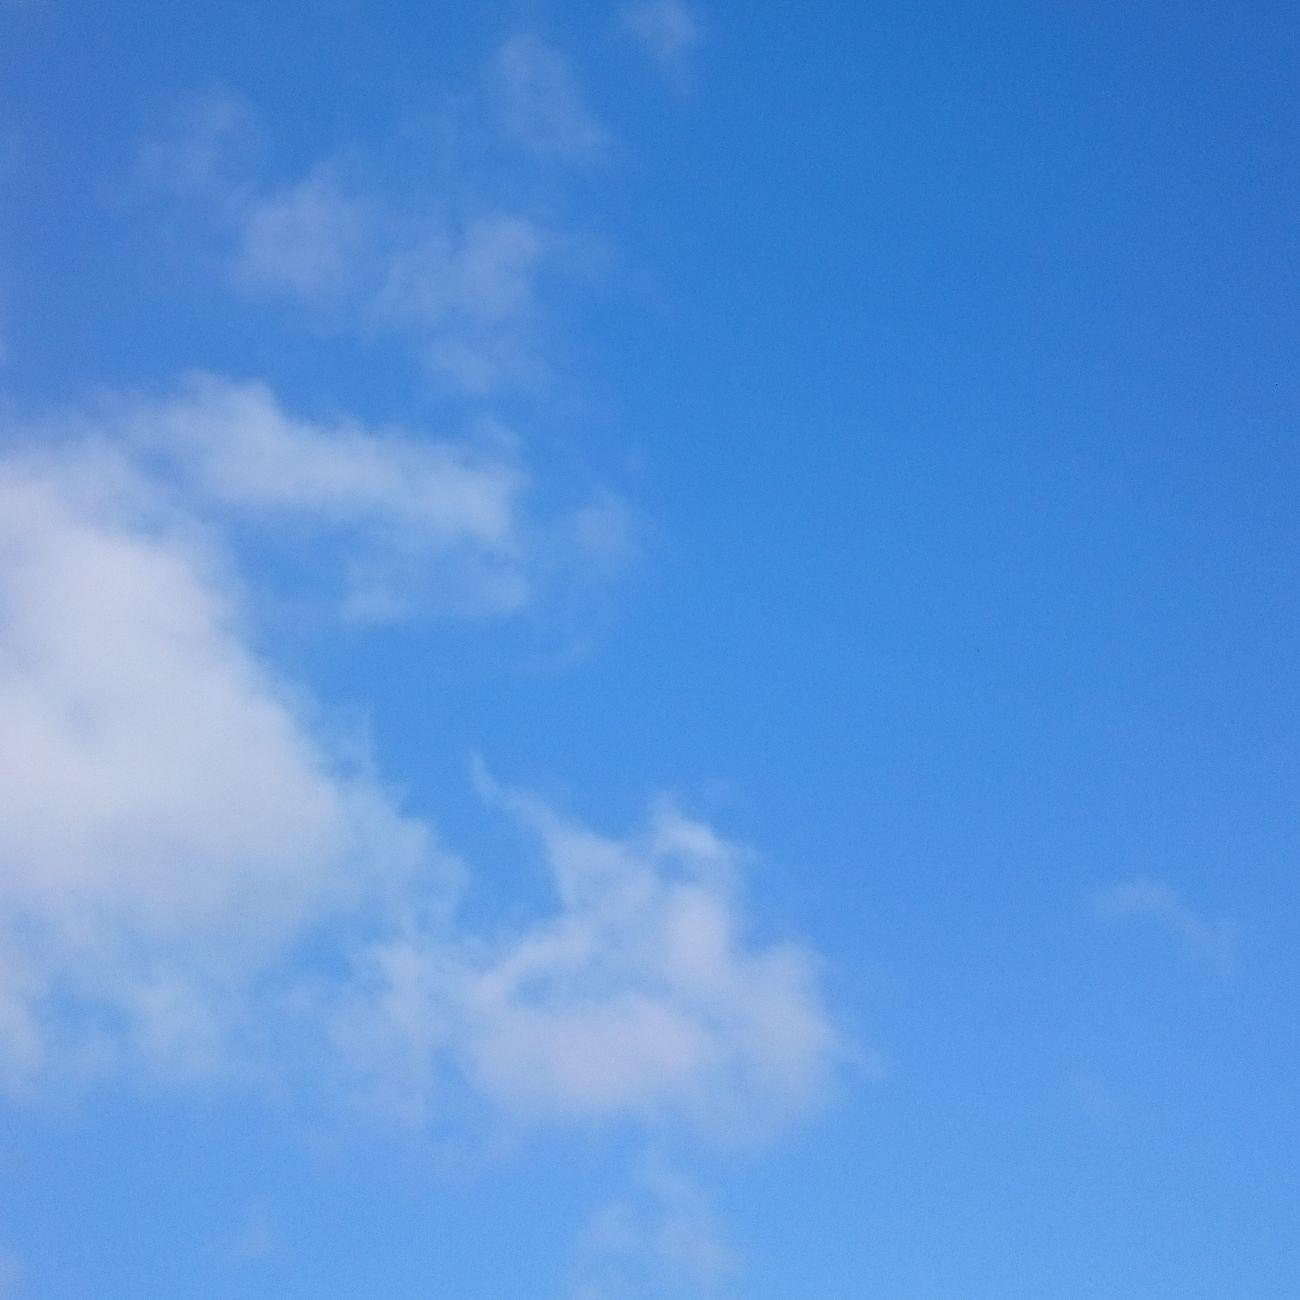 おはようございまーす 今日も 笑顔でいこーね 青空 あおぞら 美里